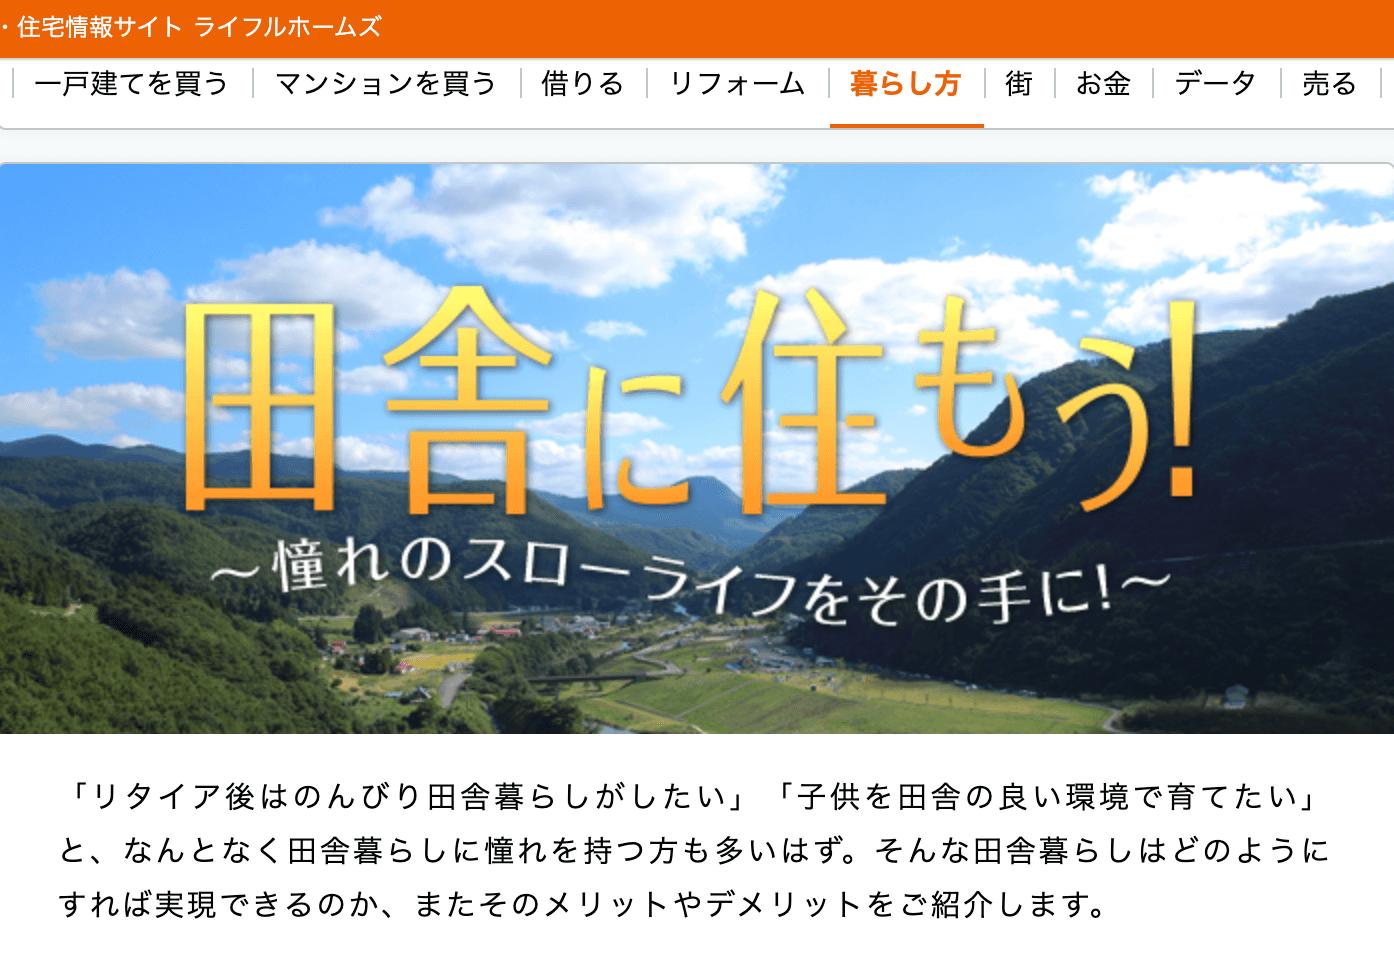 译注:「田舎に住もう!」常见的移居乡村广告用语